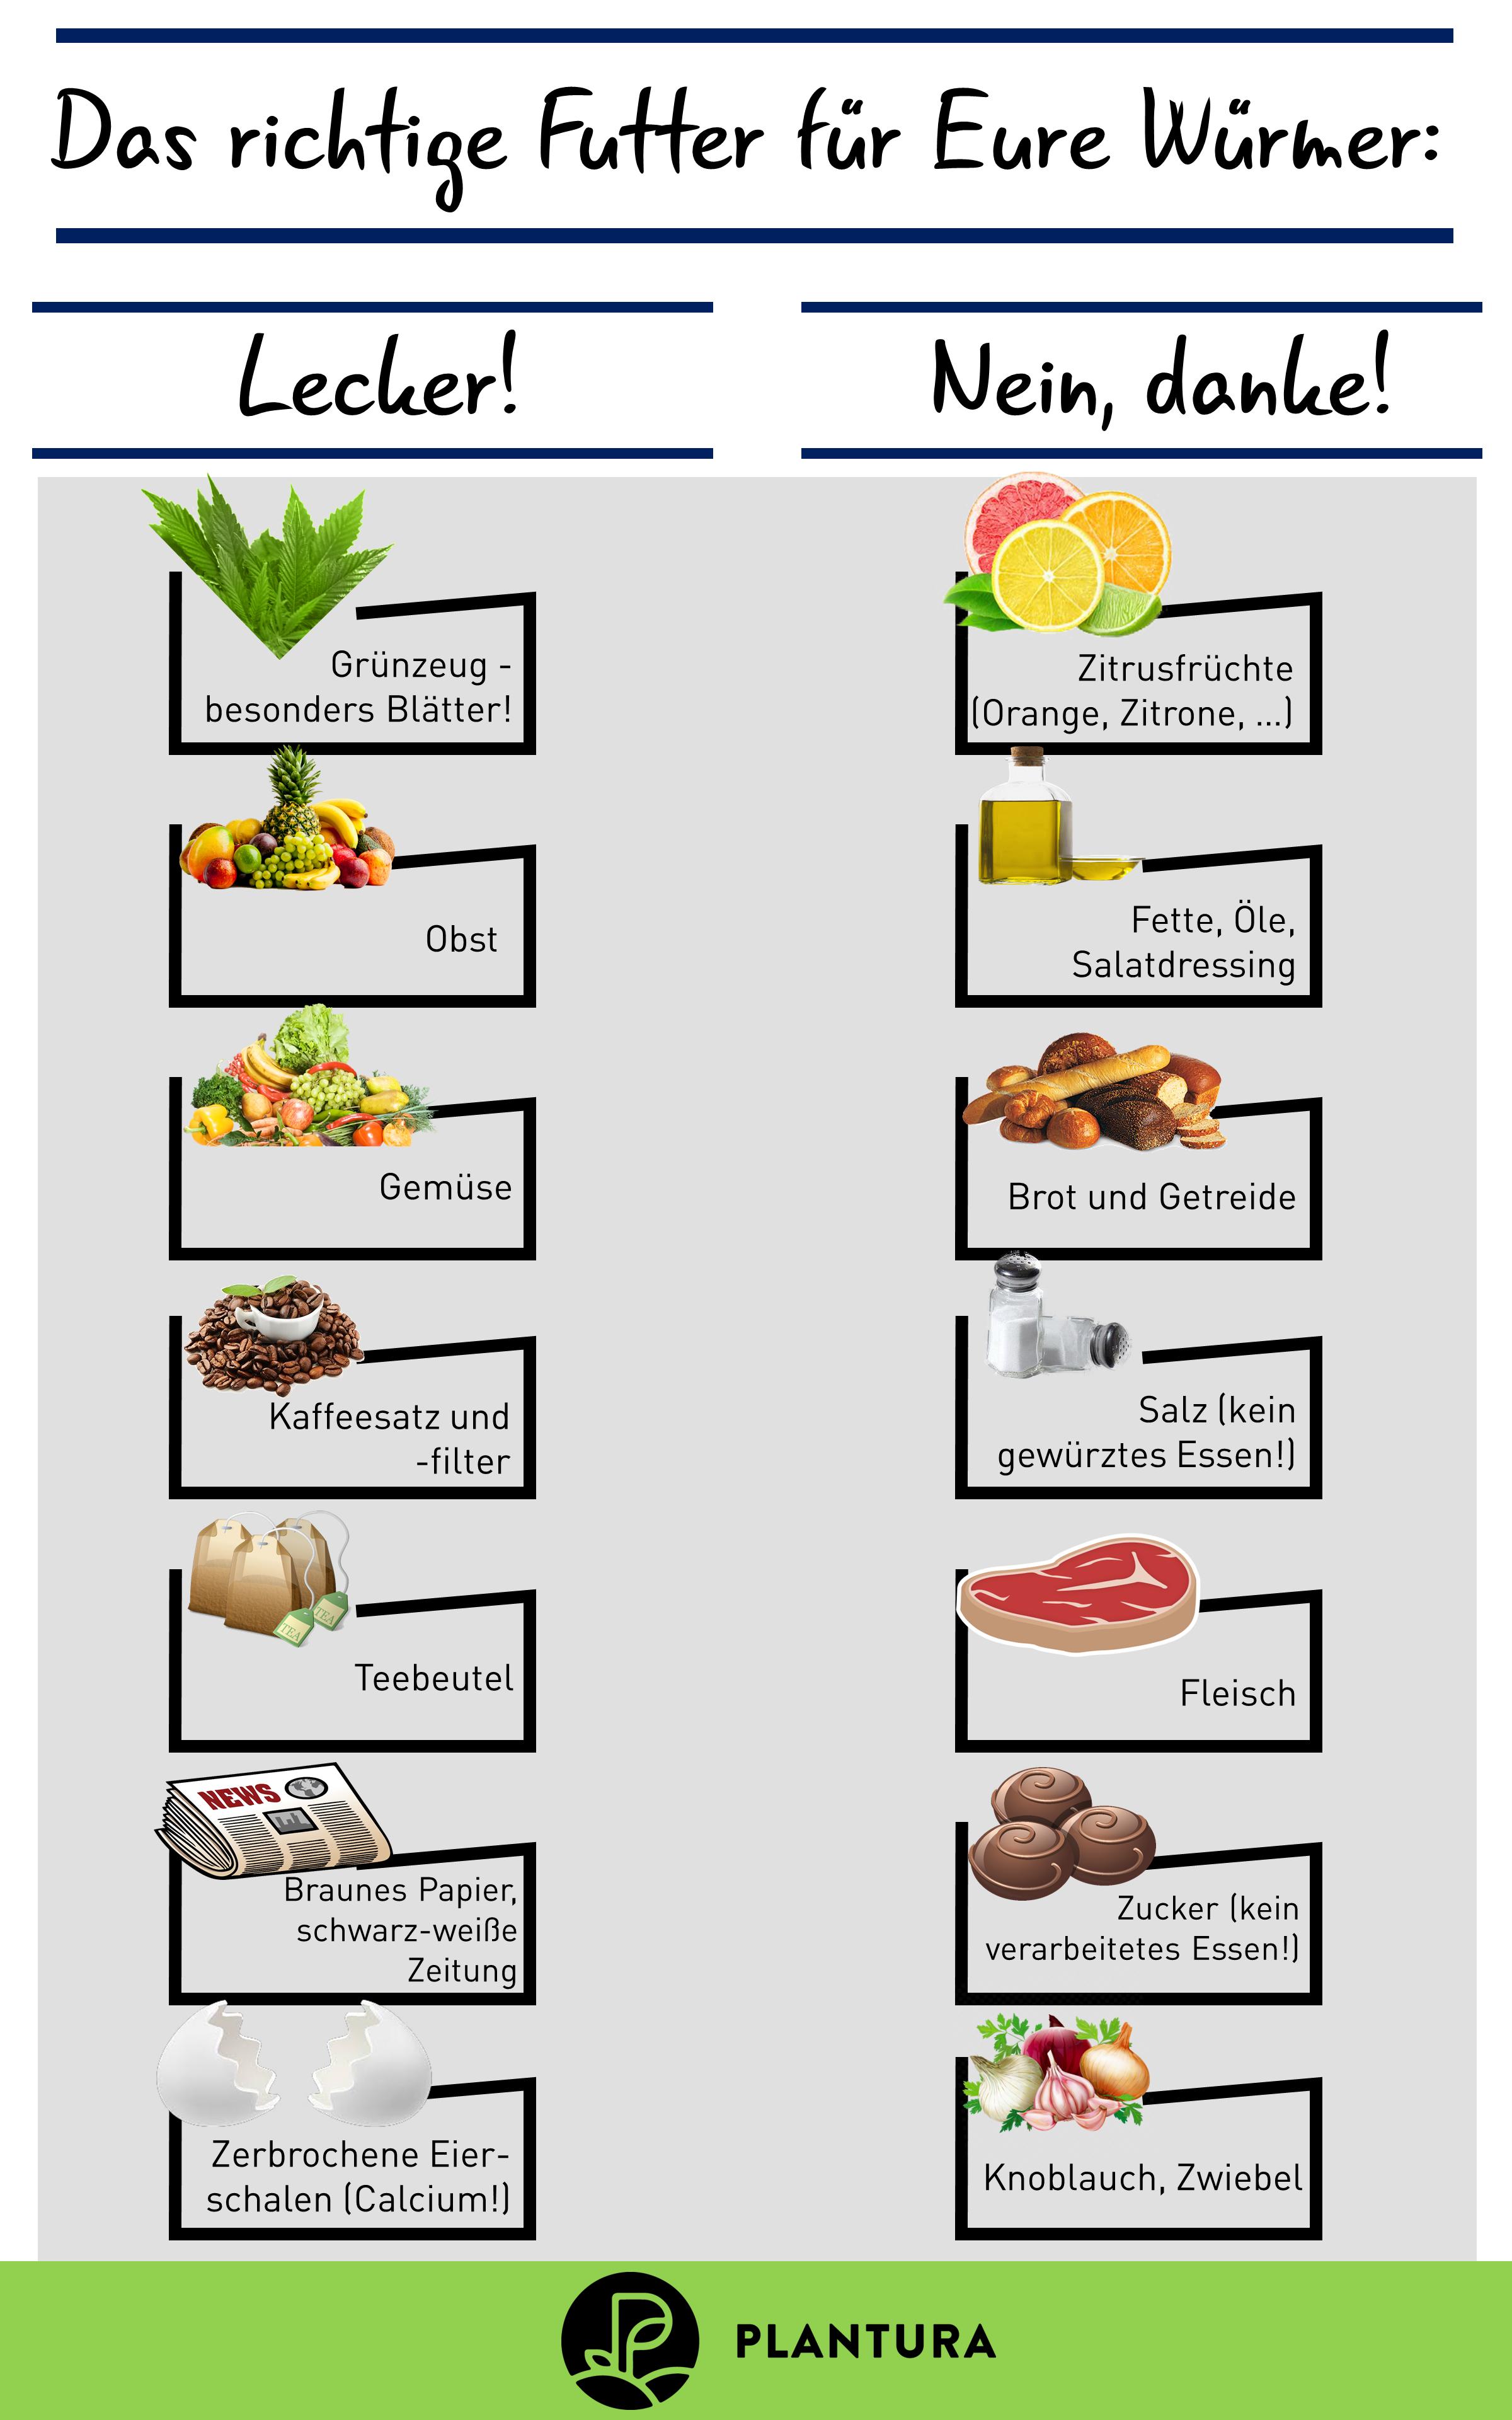 Das Richtige Futter Fur Eure Wurmer Welche Abfalle Durft Ihr Zu Den Wurmen In Den Kompost Geben Und Bei Welchen En 2020 Potager D Hiver Entretien Du Jardin Composteur